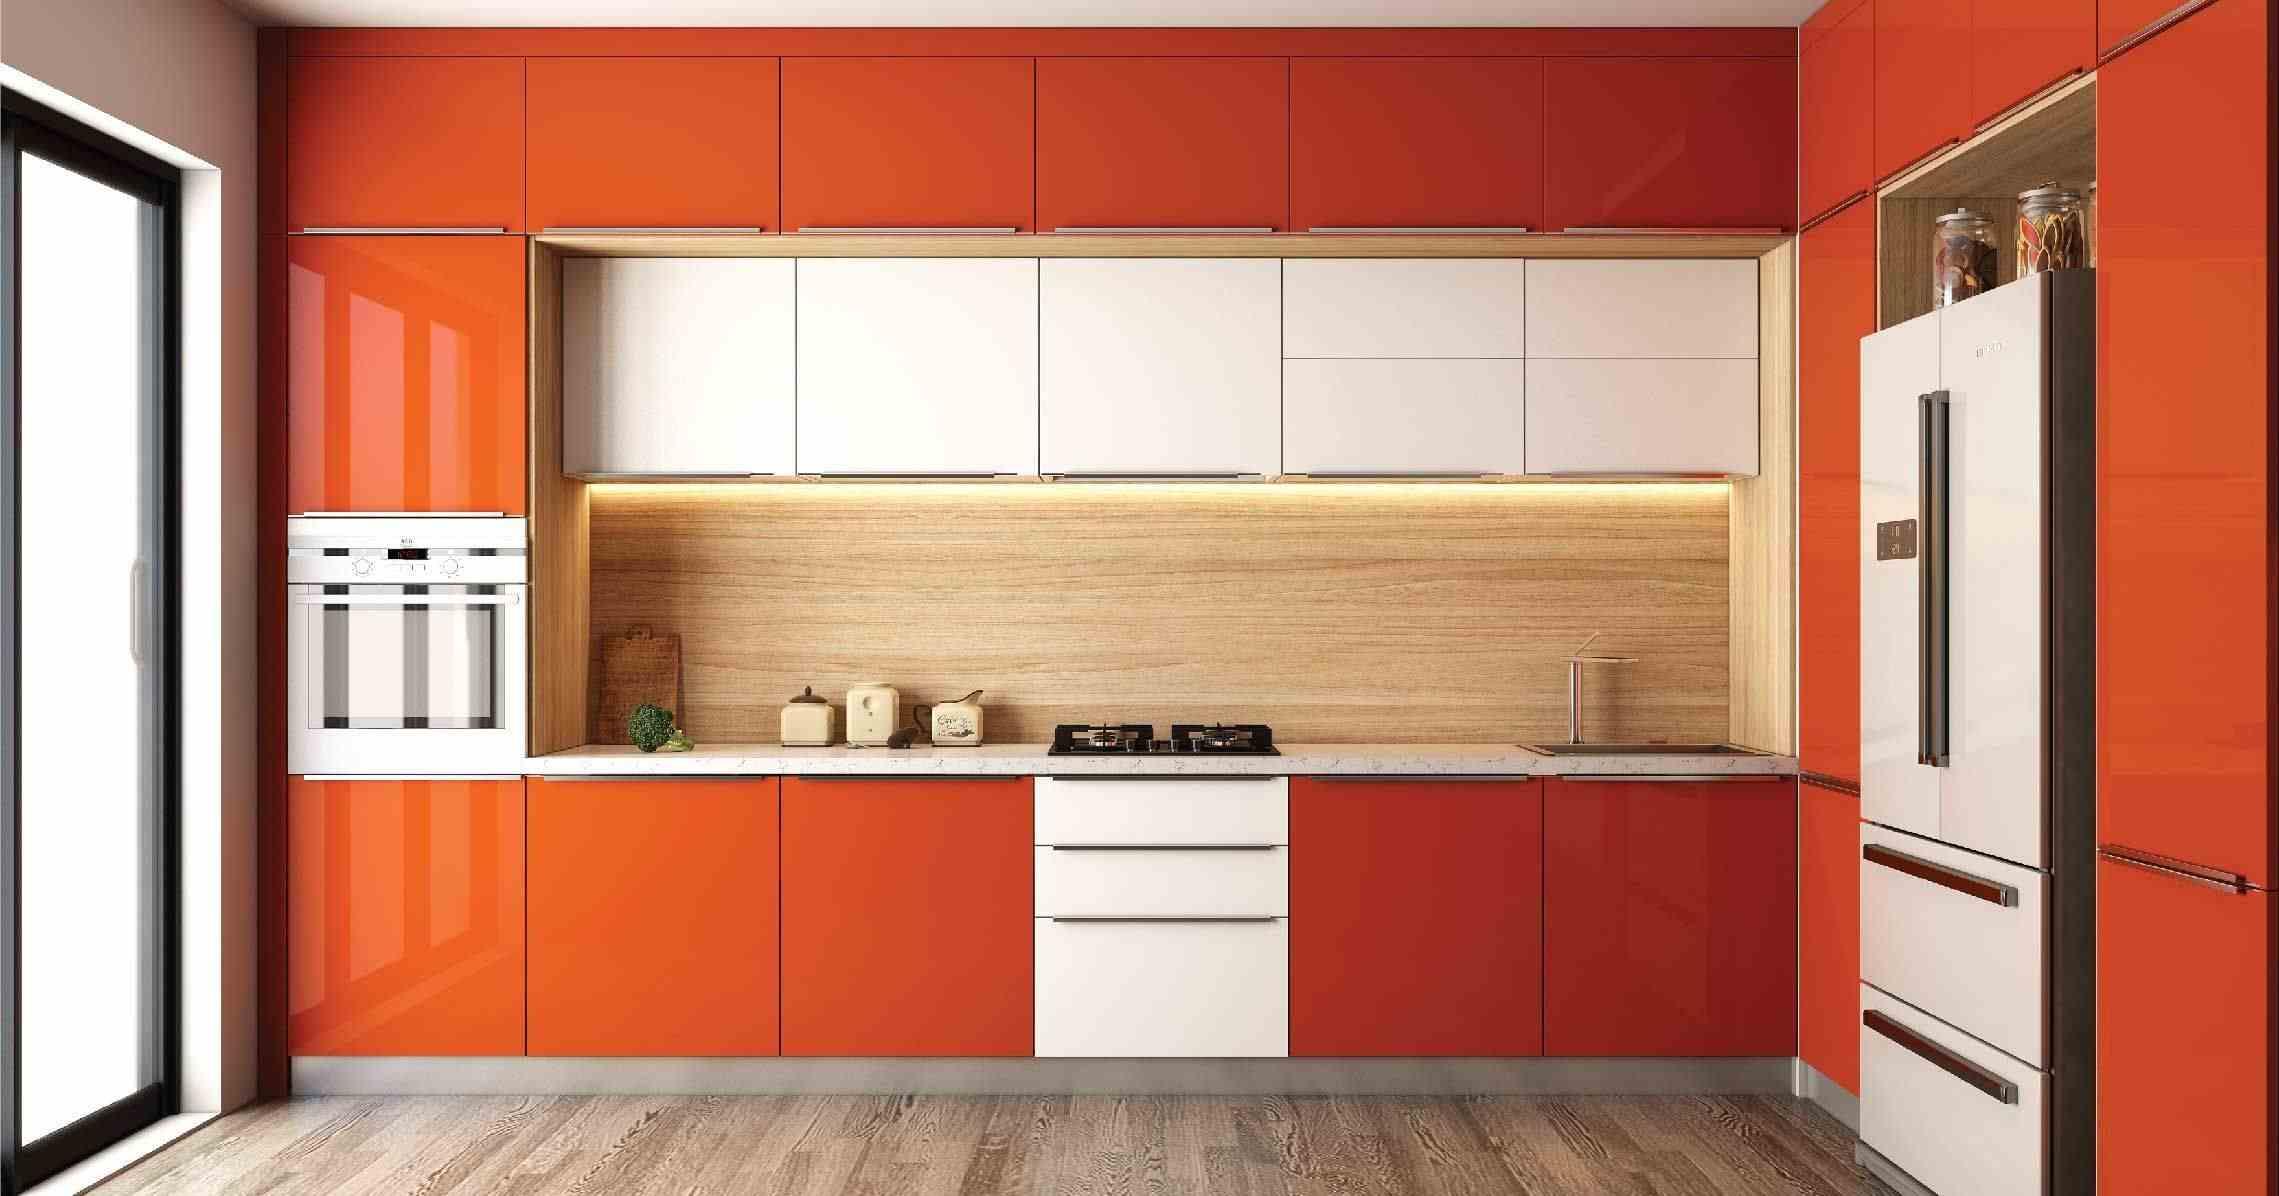 Acrylic là một trong những vật liệu phổ biến cho đồ nội thất trong những thập kỷ trước